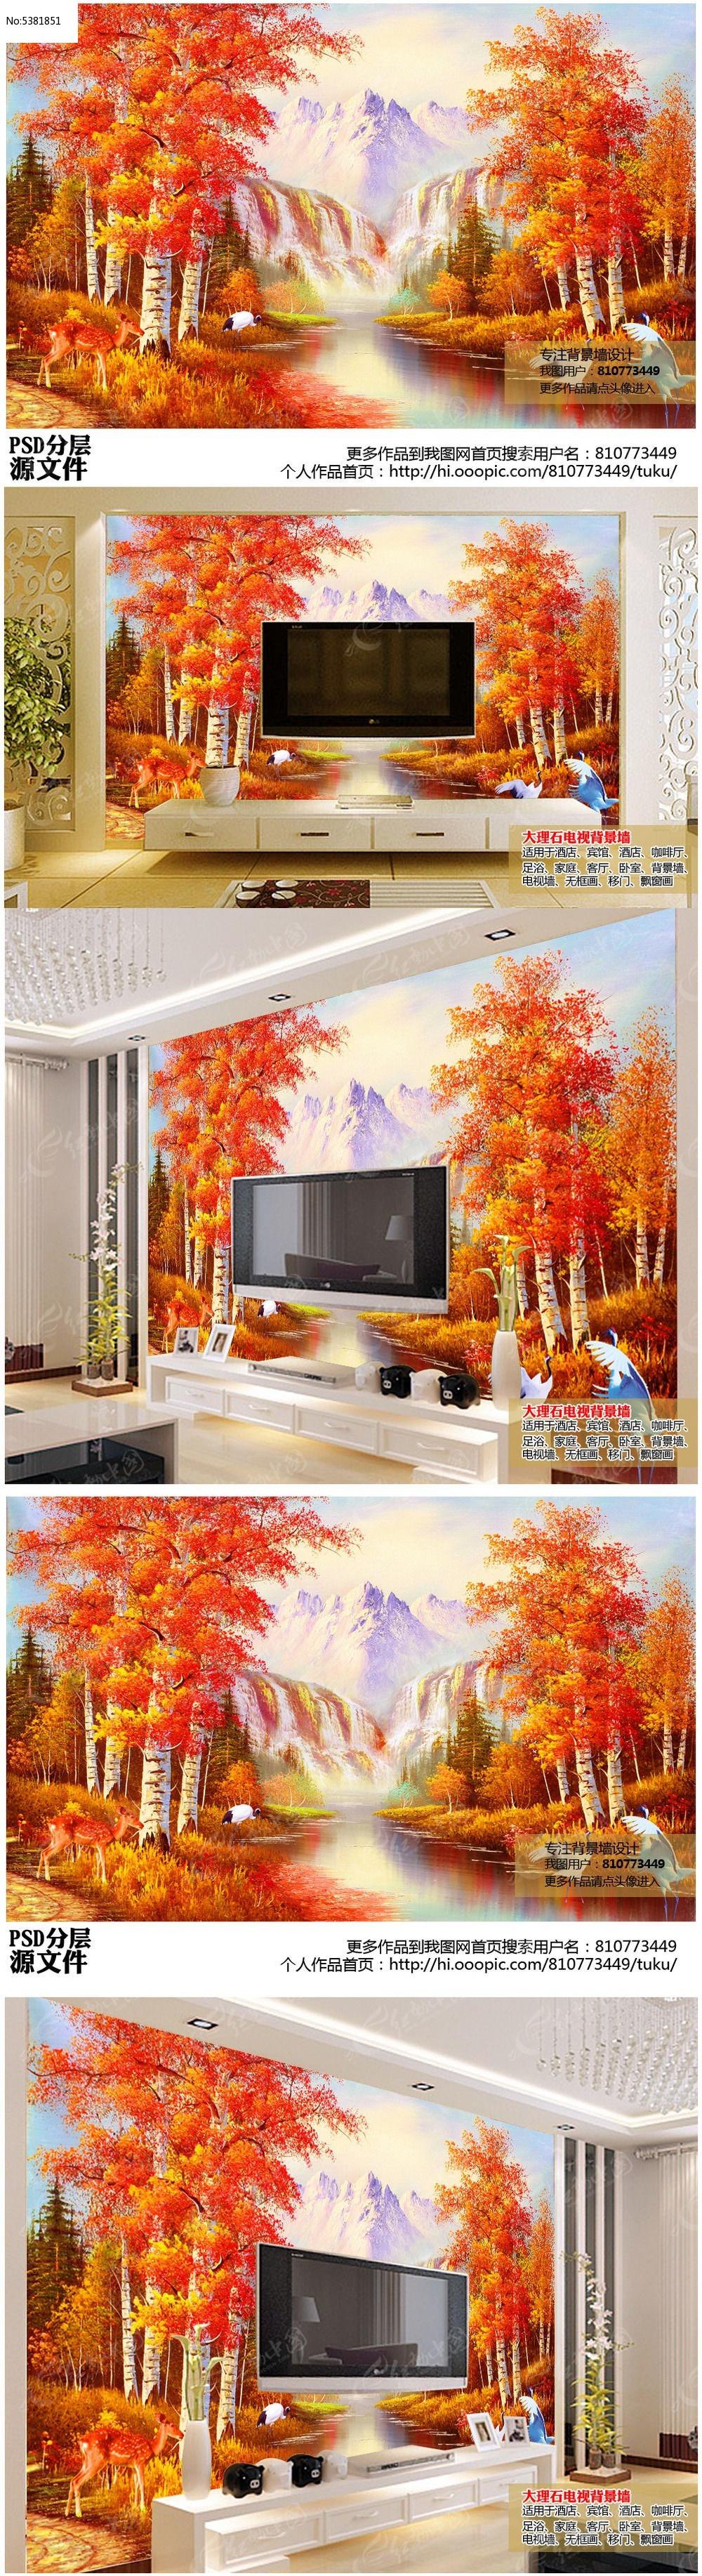 高清逼真手绘枫树电视背景墙下载